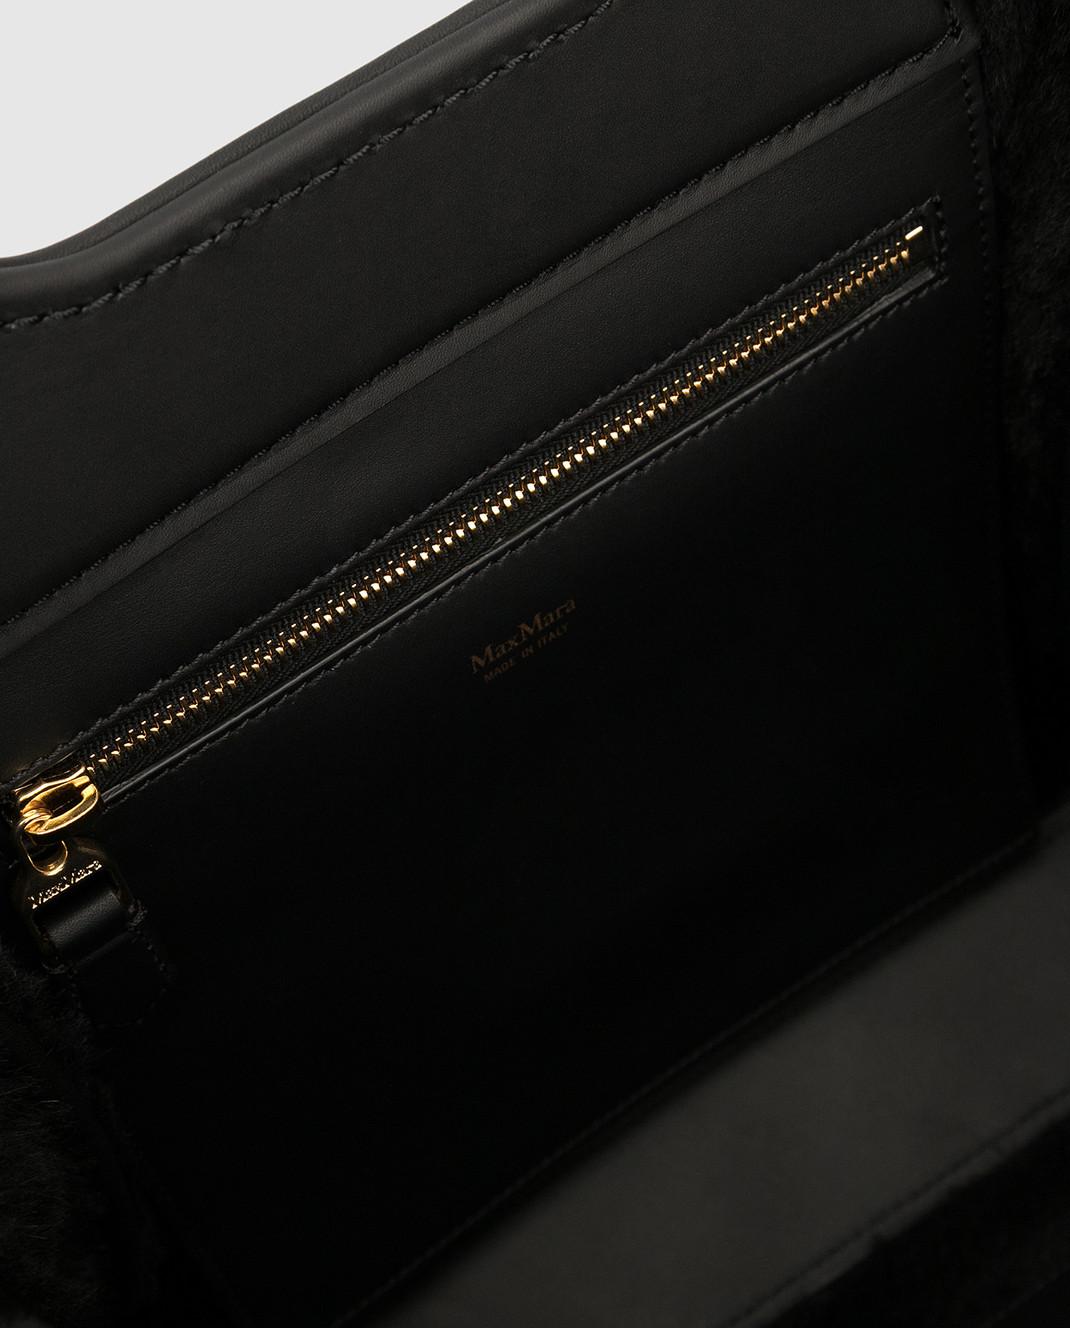 Max Mara Черная замшевая сумка GRACEXS изображение 4